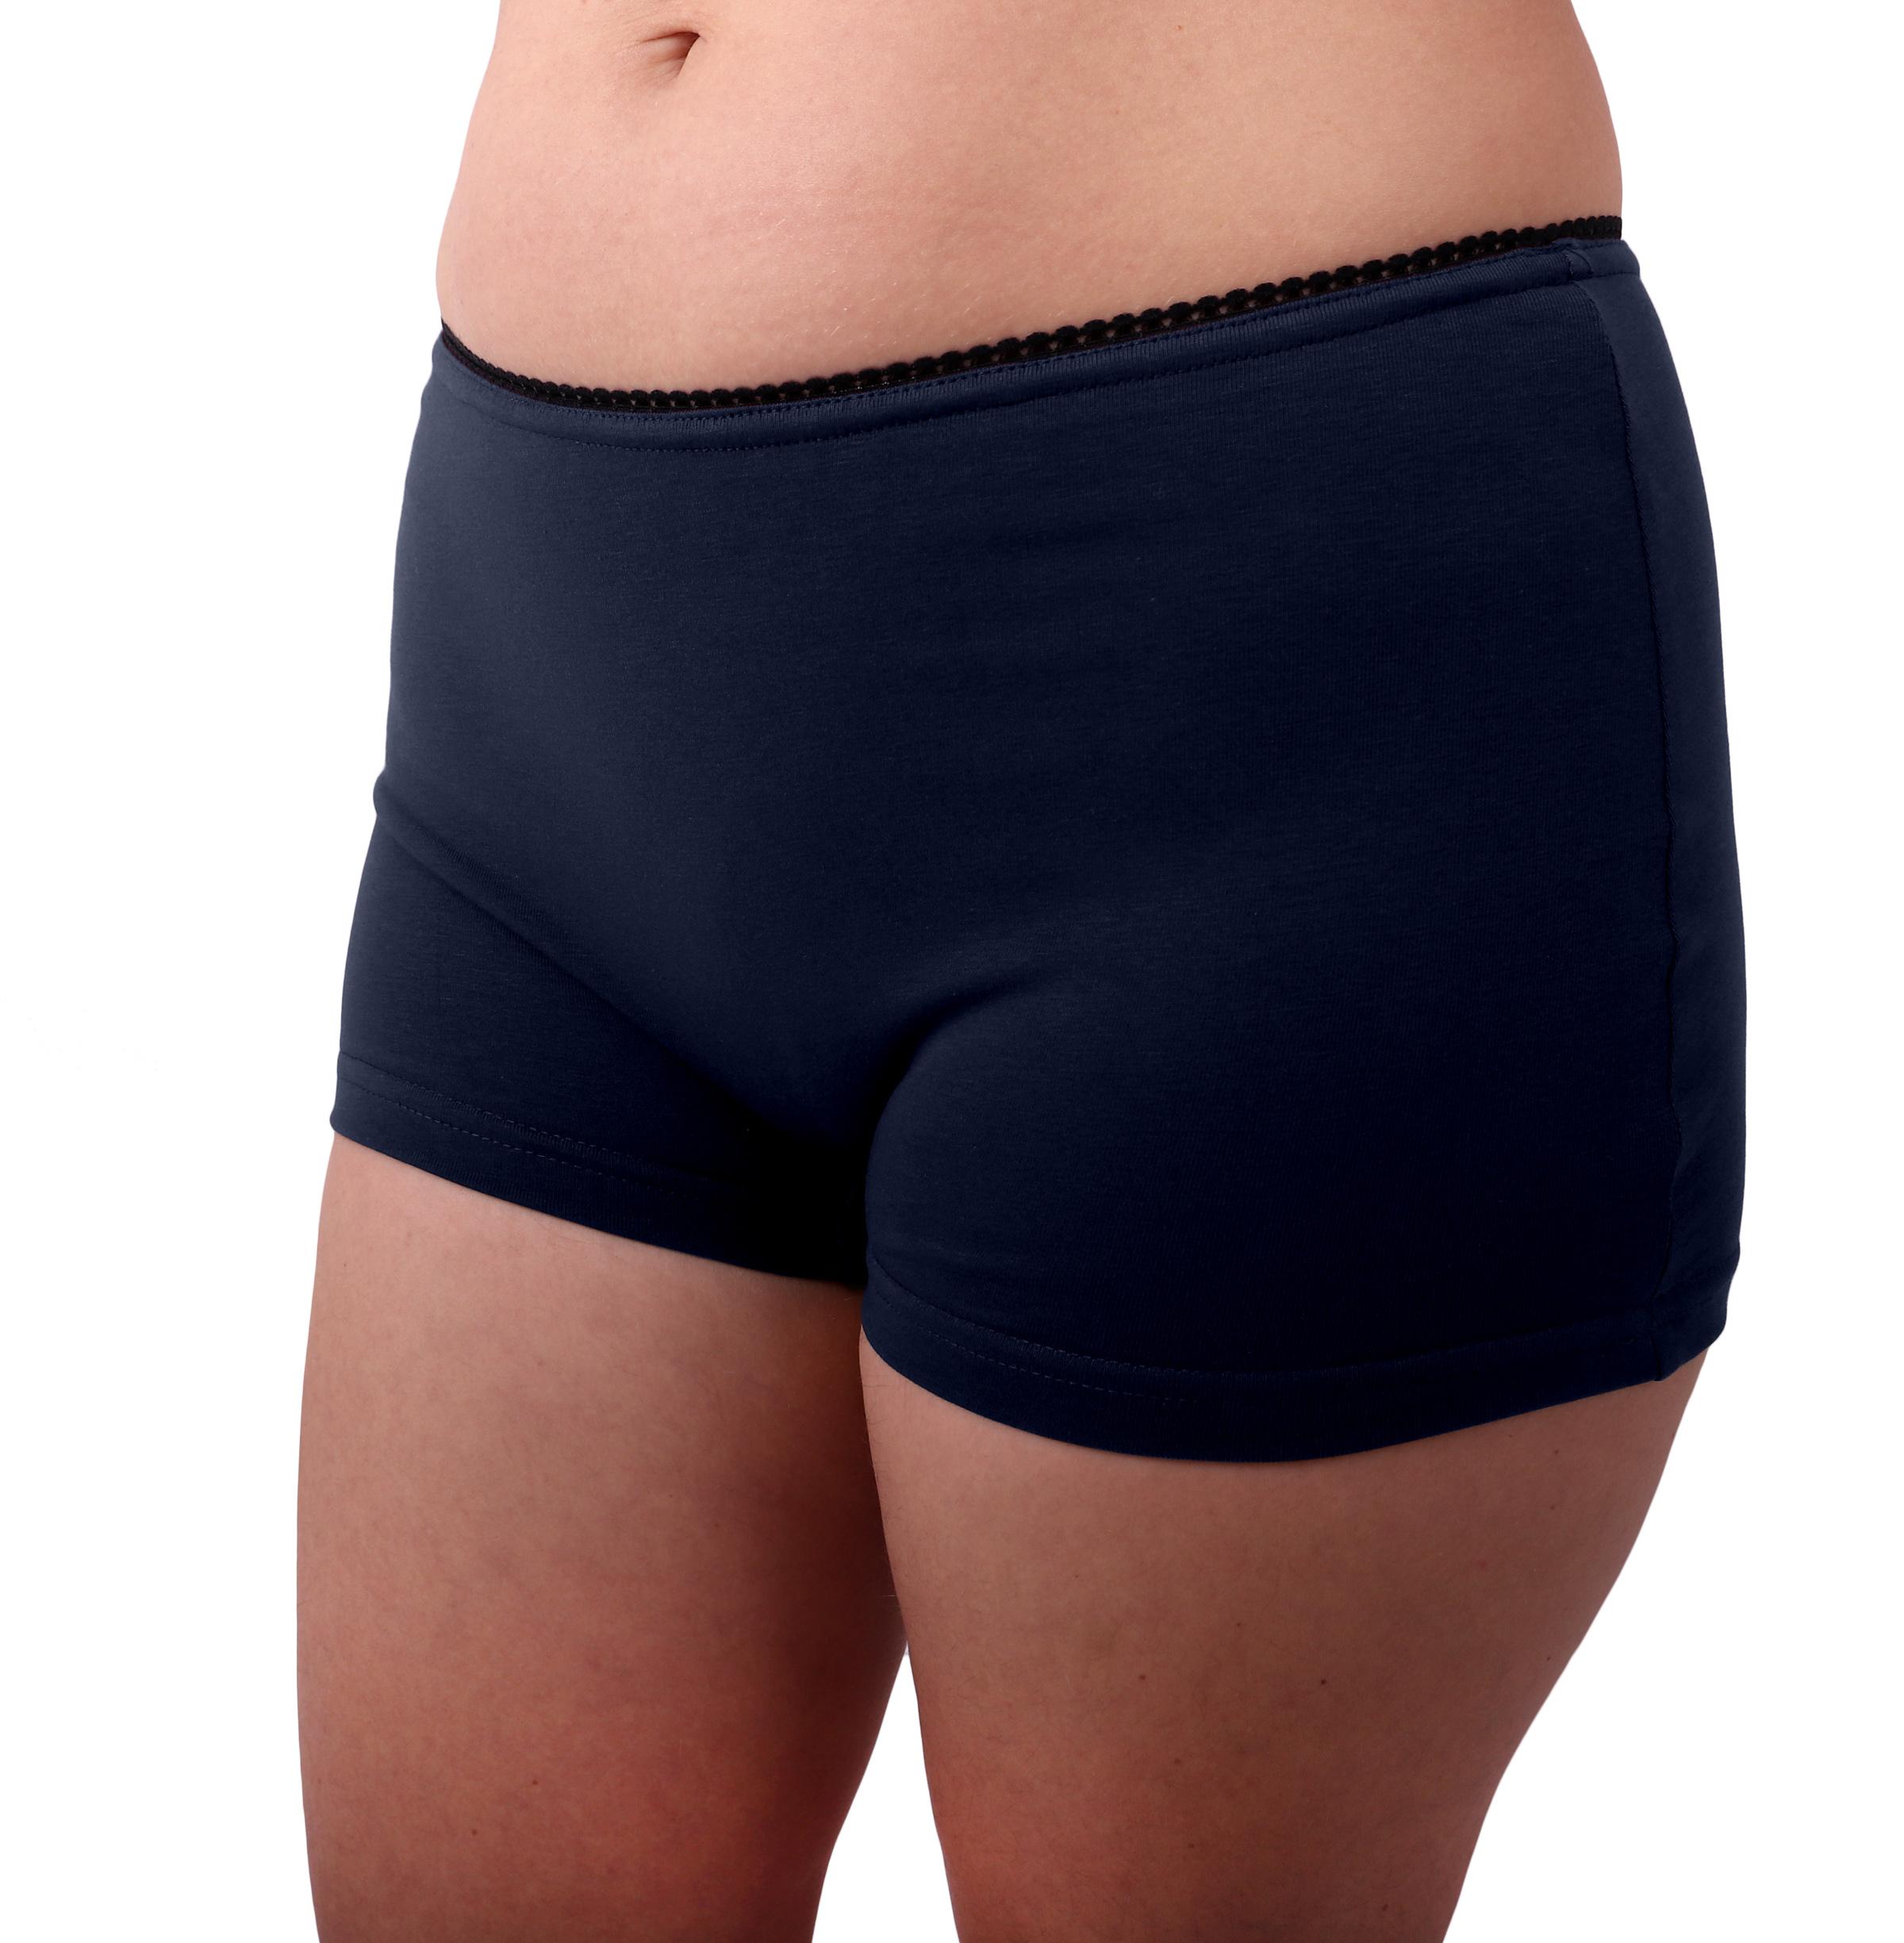 Dámské kalhotky bavlněné, nohavičkové, tmavě modré, 46